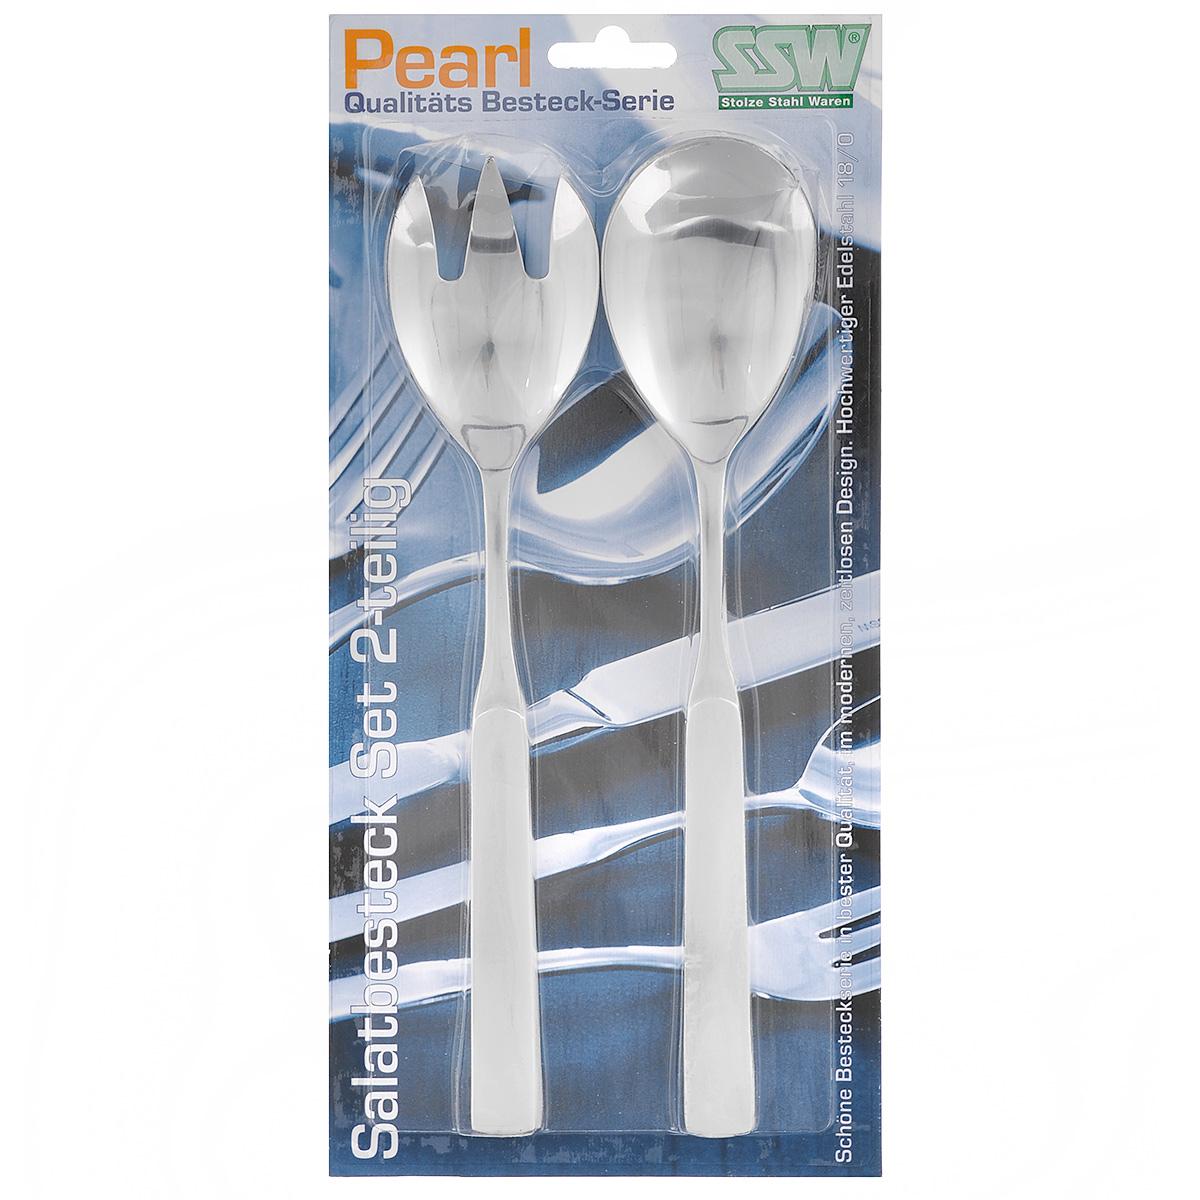 Набор ложек для салата SSW Pearl, 2 предмета477345Набор ложек для салата SSW Pearl выполнен из нержавеющей стали. Таким набором удобно перемешивать и выкладывать на тарелки зеленые салаты, в которых много нежных листьев и трав. Если перемешивать их простой ложкой - легко помять зелень. Пользуясь же этим набором для смешивания, или как щипцами, чтобы положить салат на тарелку, вы никогда не изомнете салатные листья.Изделия можно мыть в посудомоечной машине.Длина предметов: 23,5 см.Длина рабочей части: 7 см.